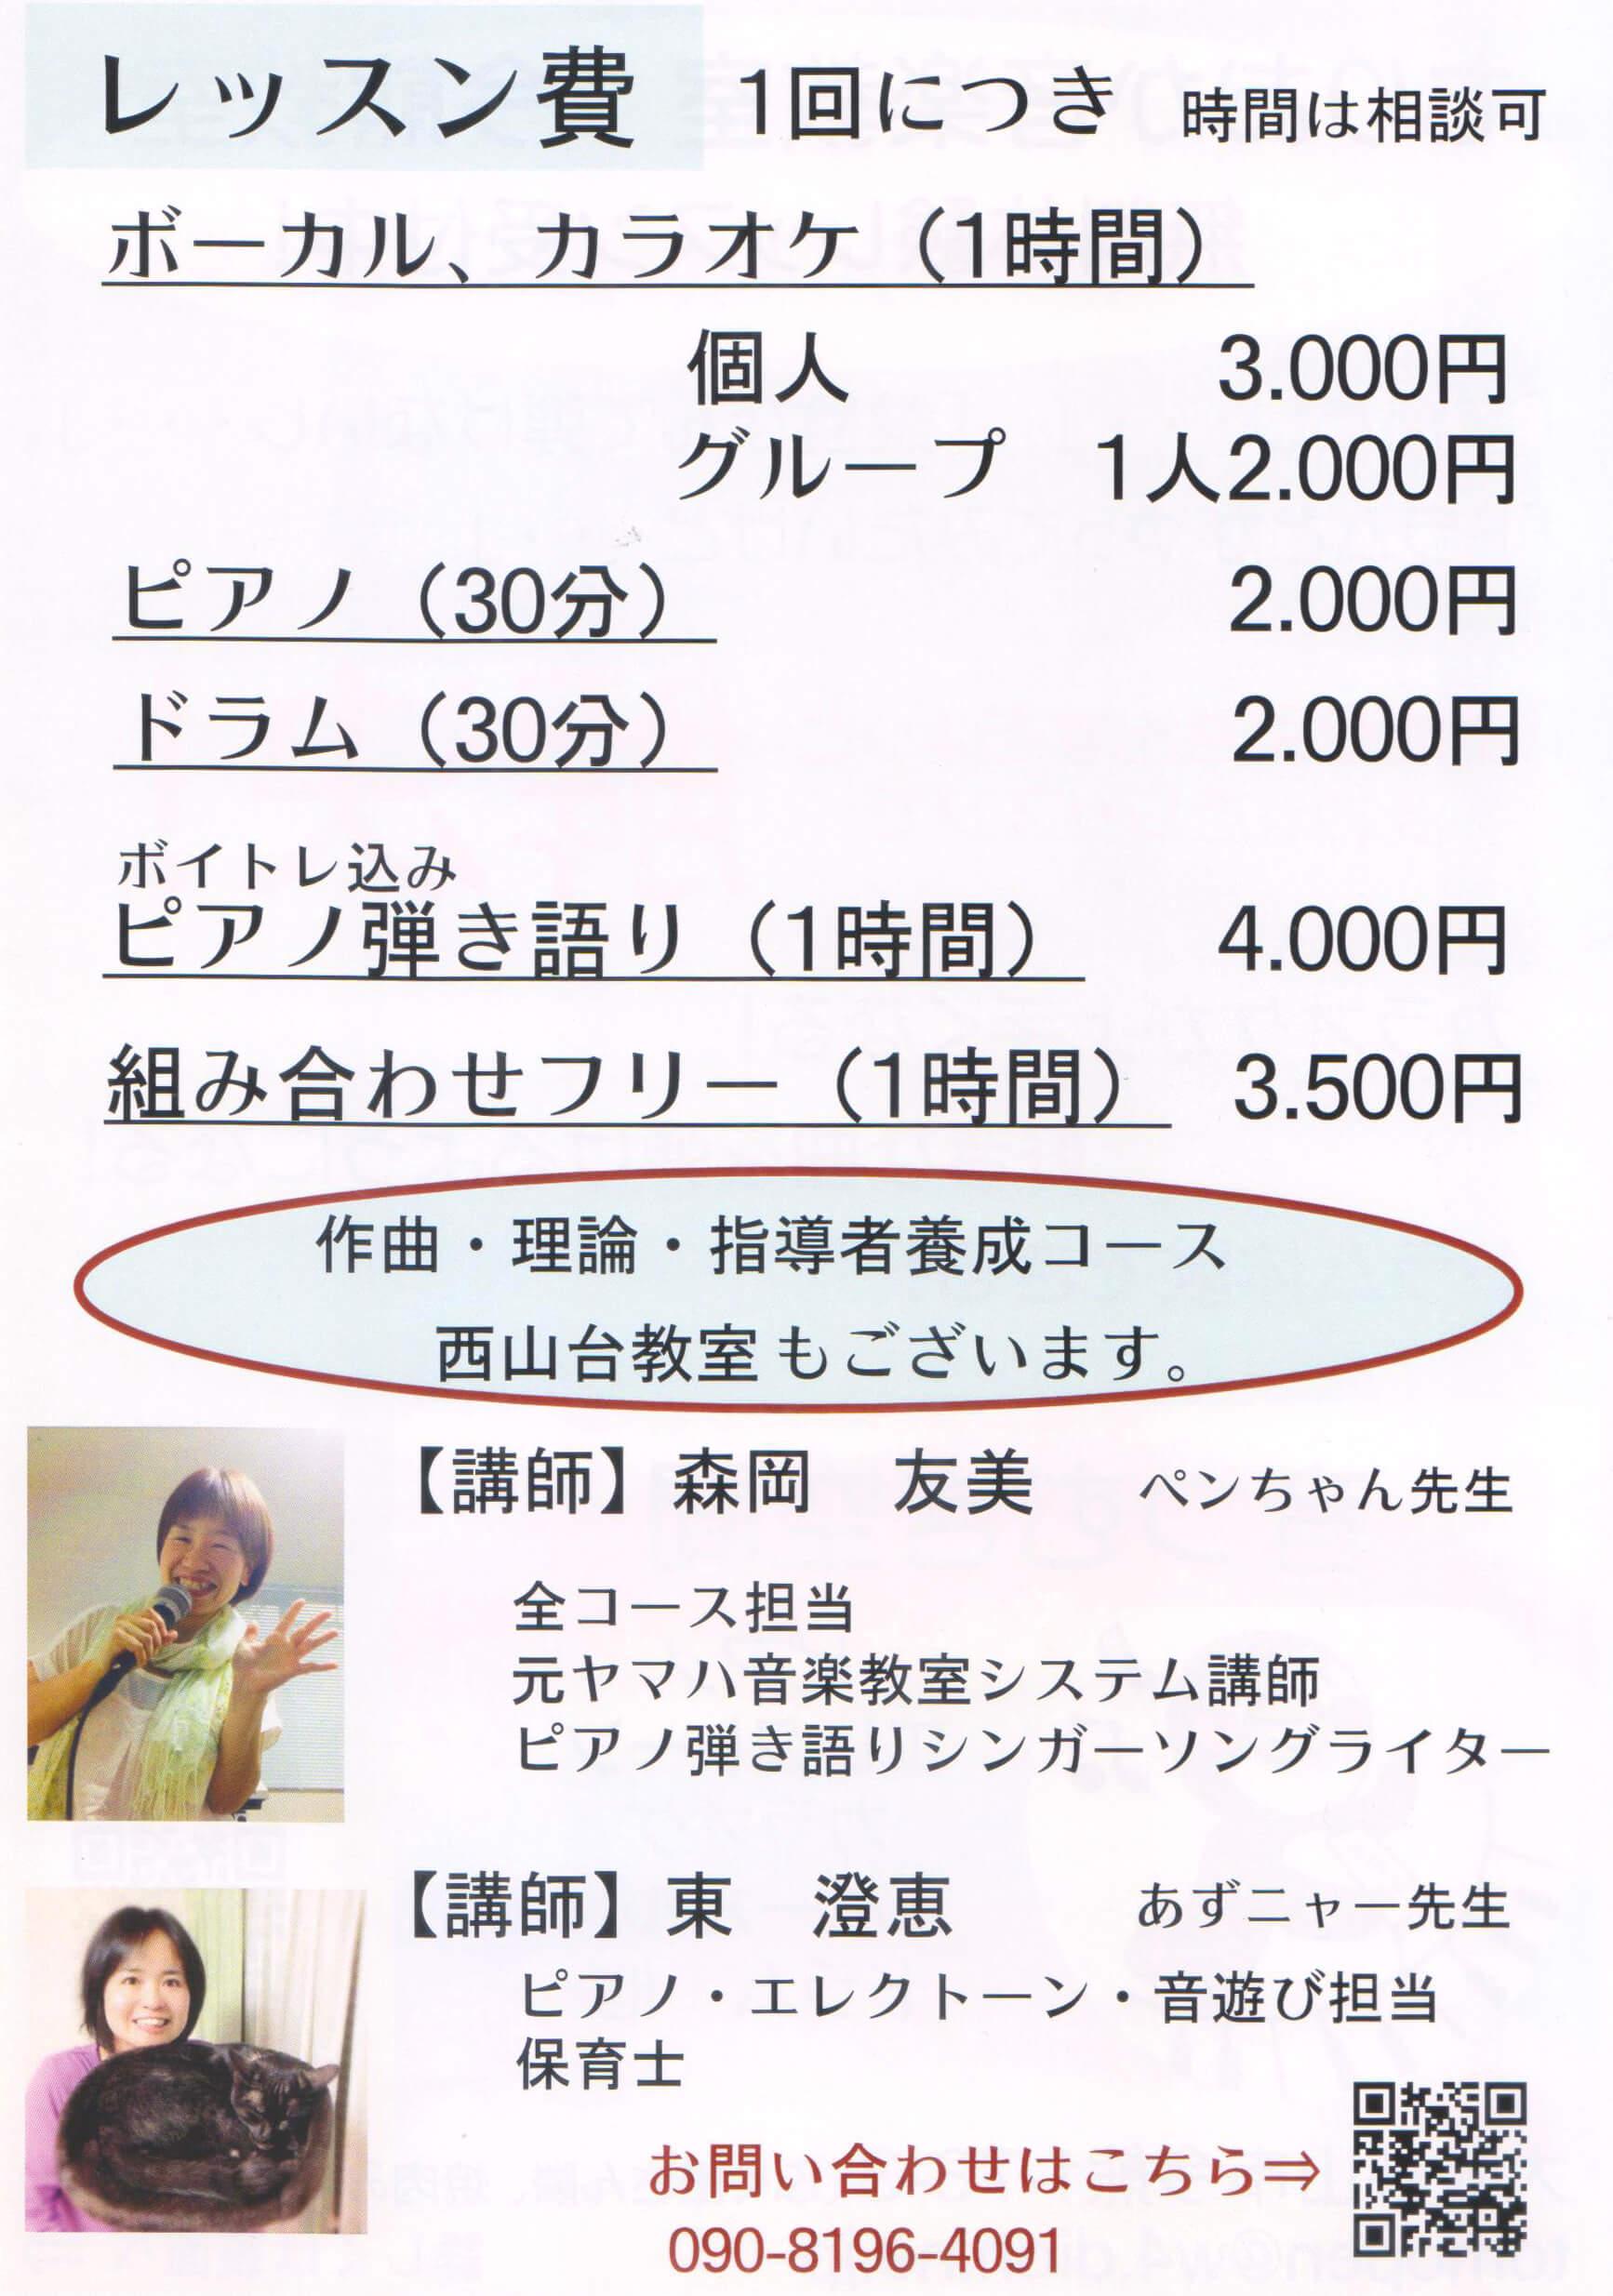 【音つむぎ空間】ピアノ&エレクトーン・ボーカル&カラオケ・ドラム「もりおか音楽教室」 (2)